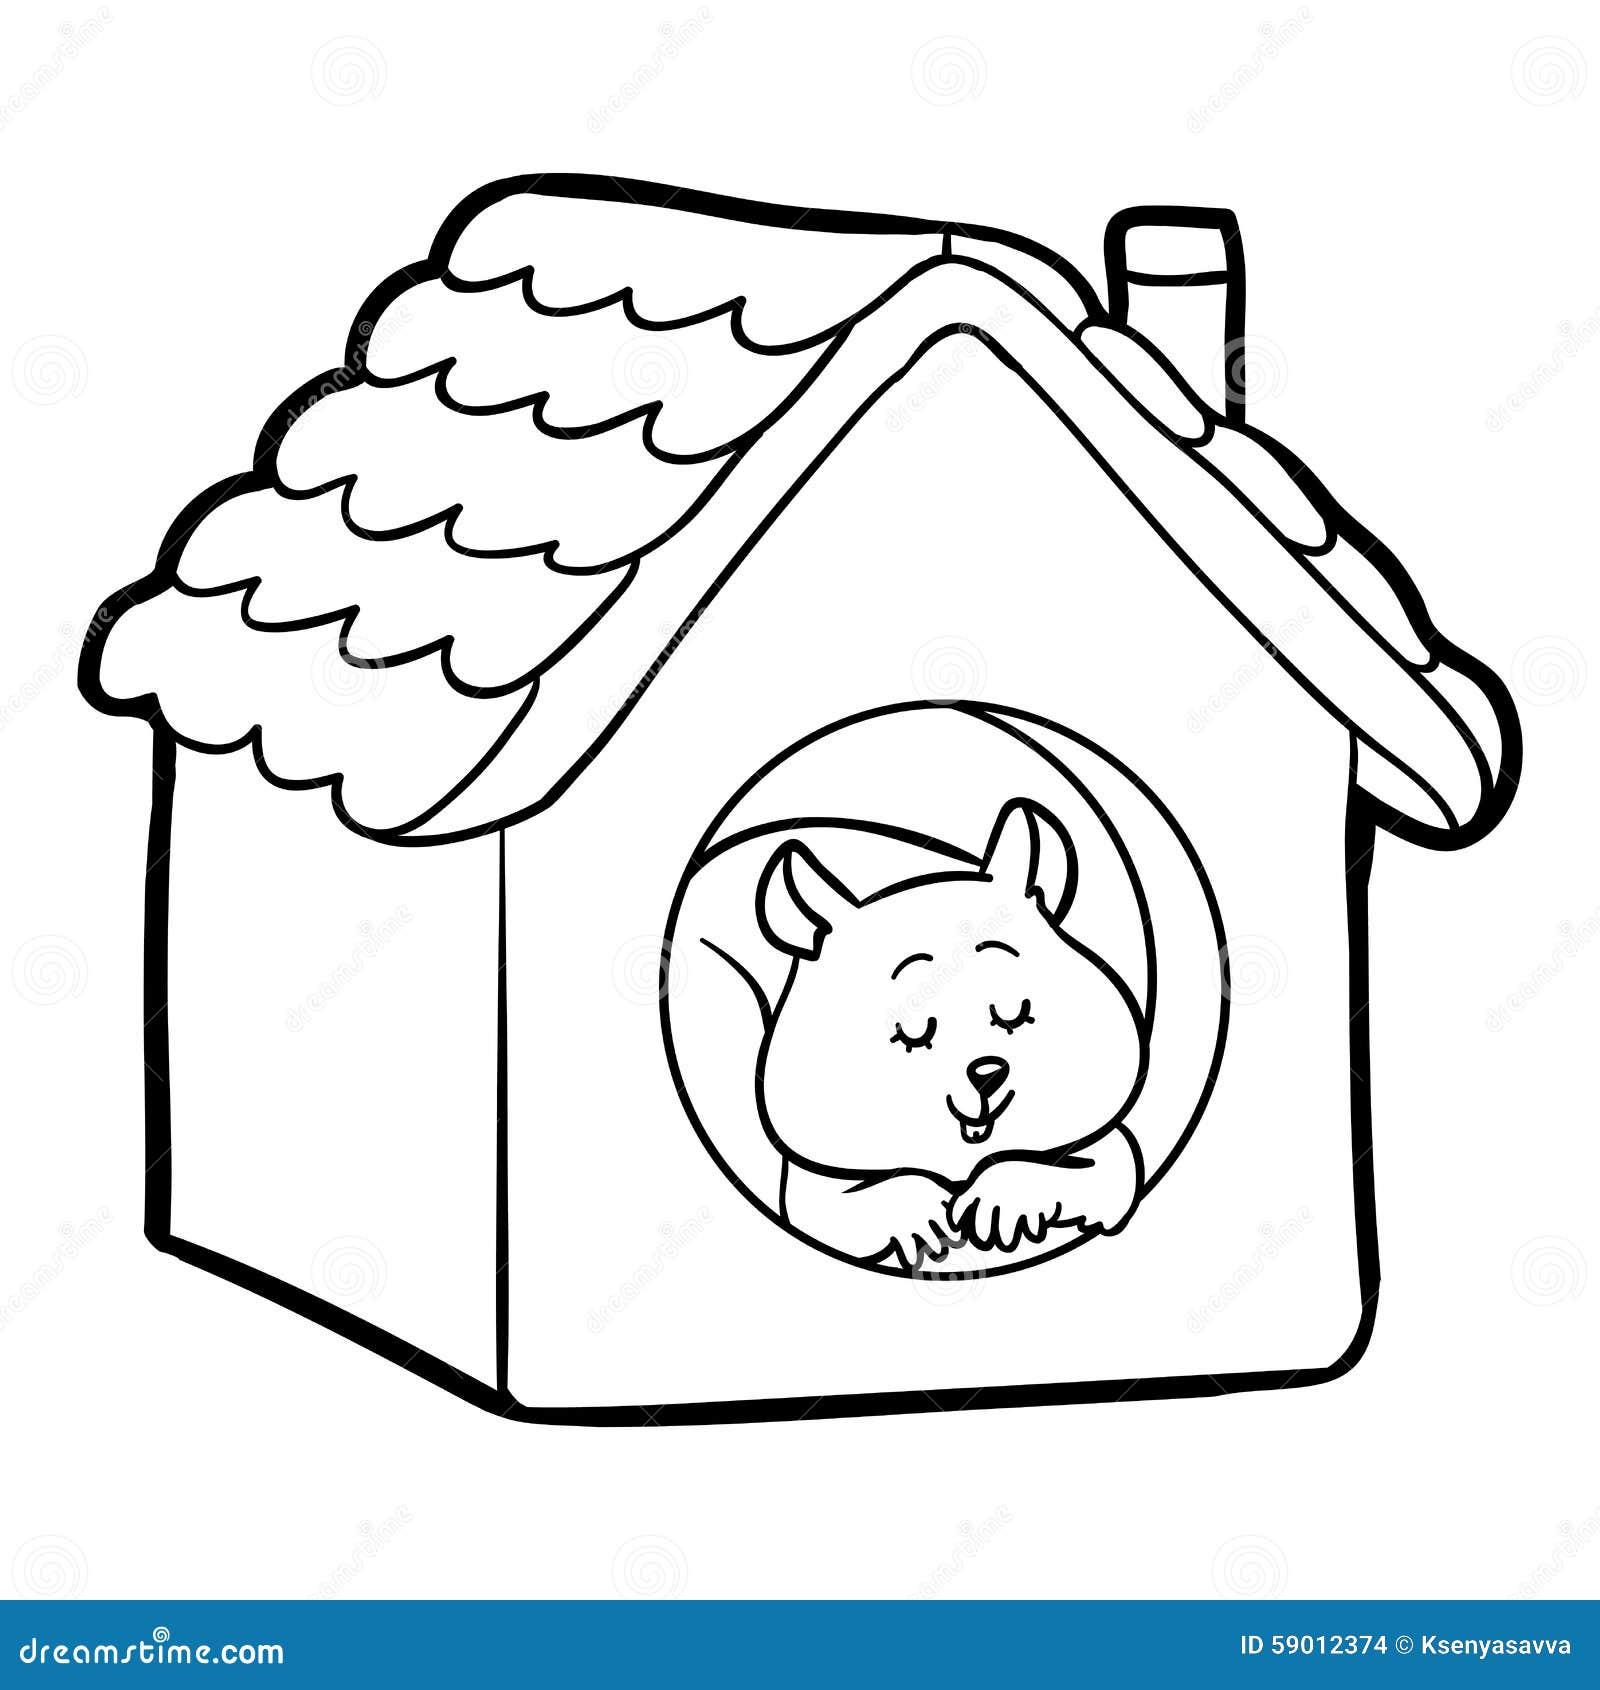 livre de coloriage pour des enfants hamster et maison illustration de vecteur illustration. Black Bedroom Furniture Sets. Home Design Ideas